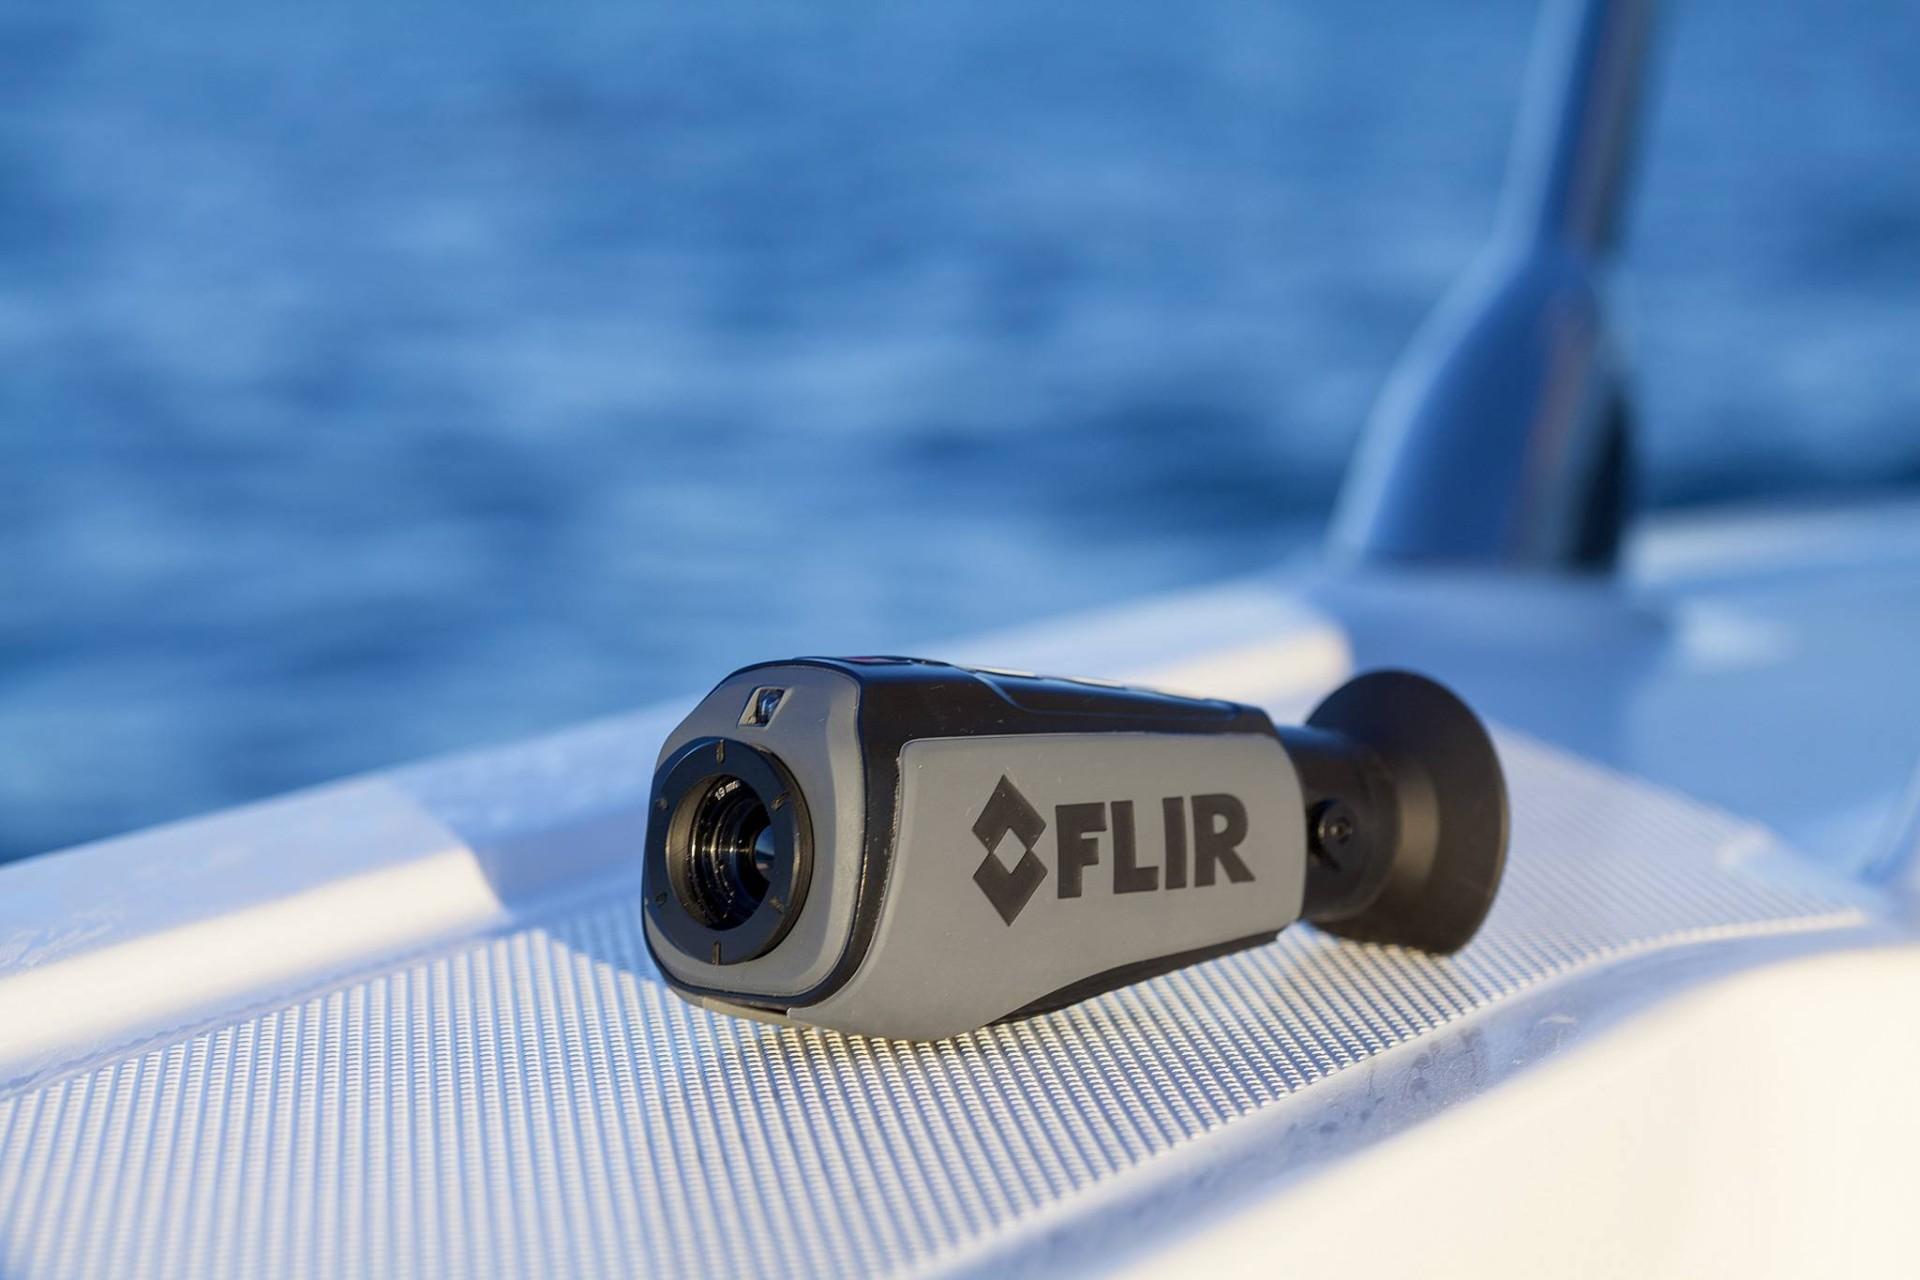 FLIR_Scout-e1444138832207